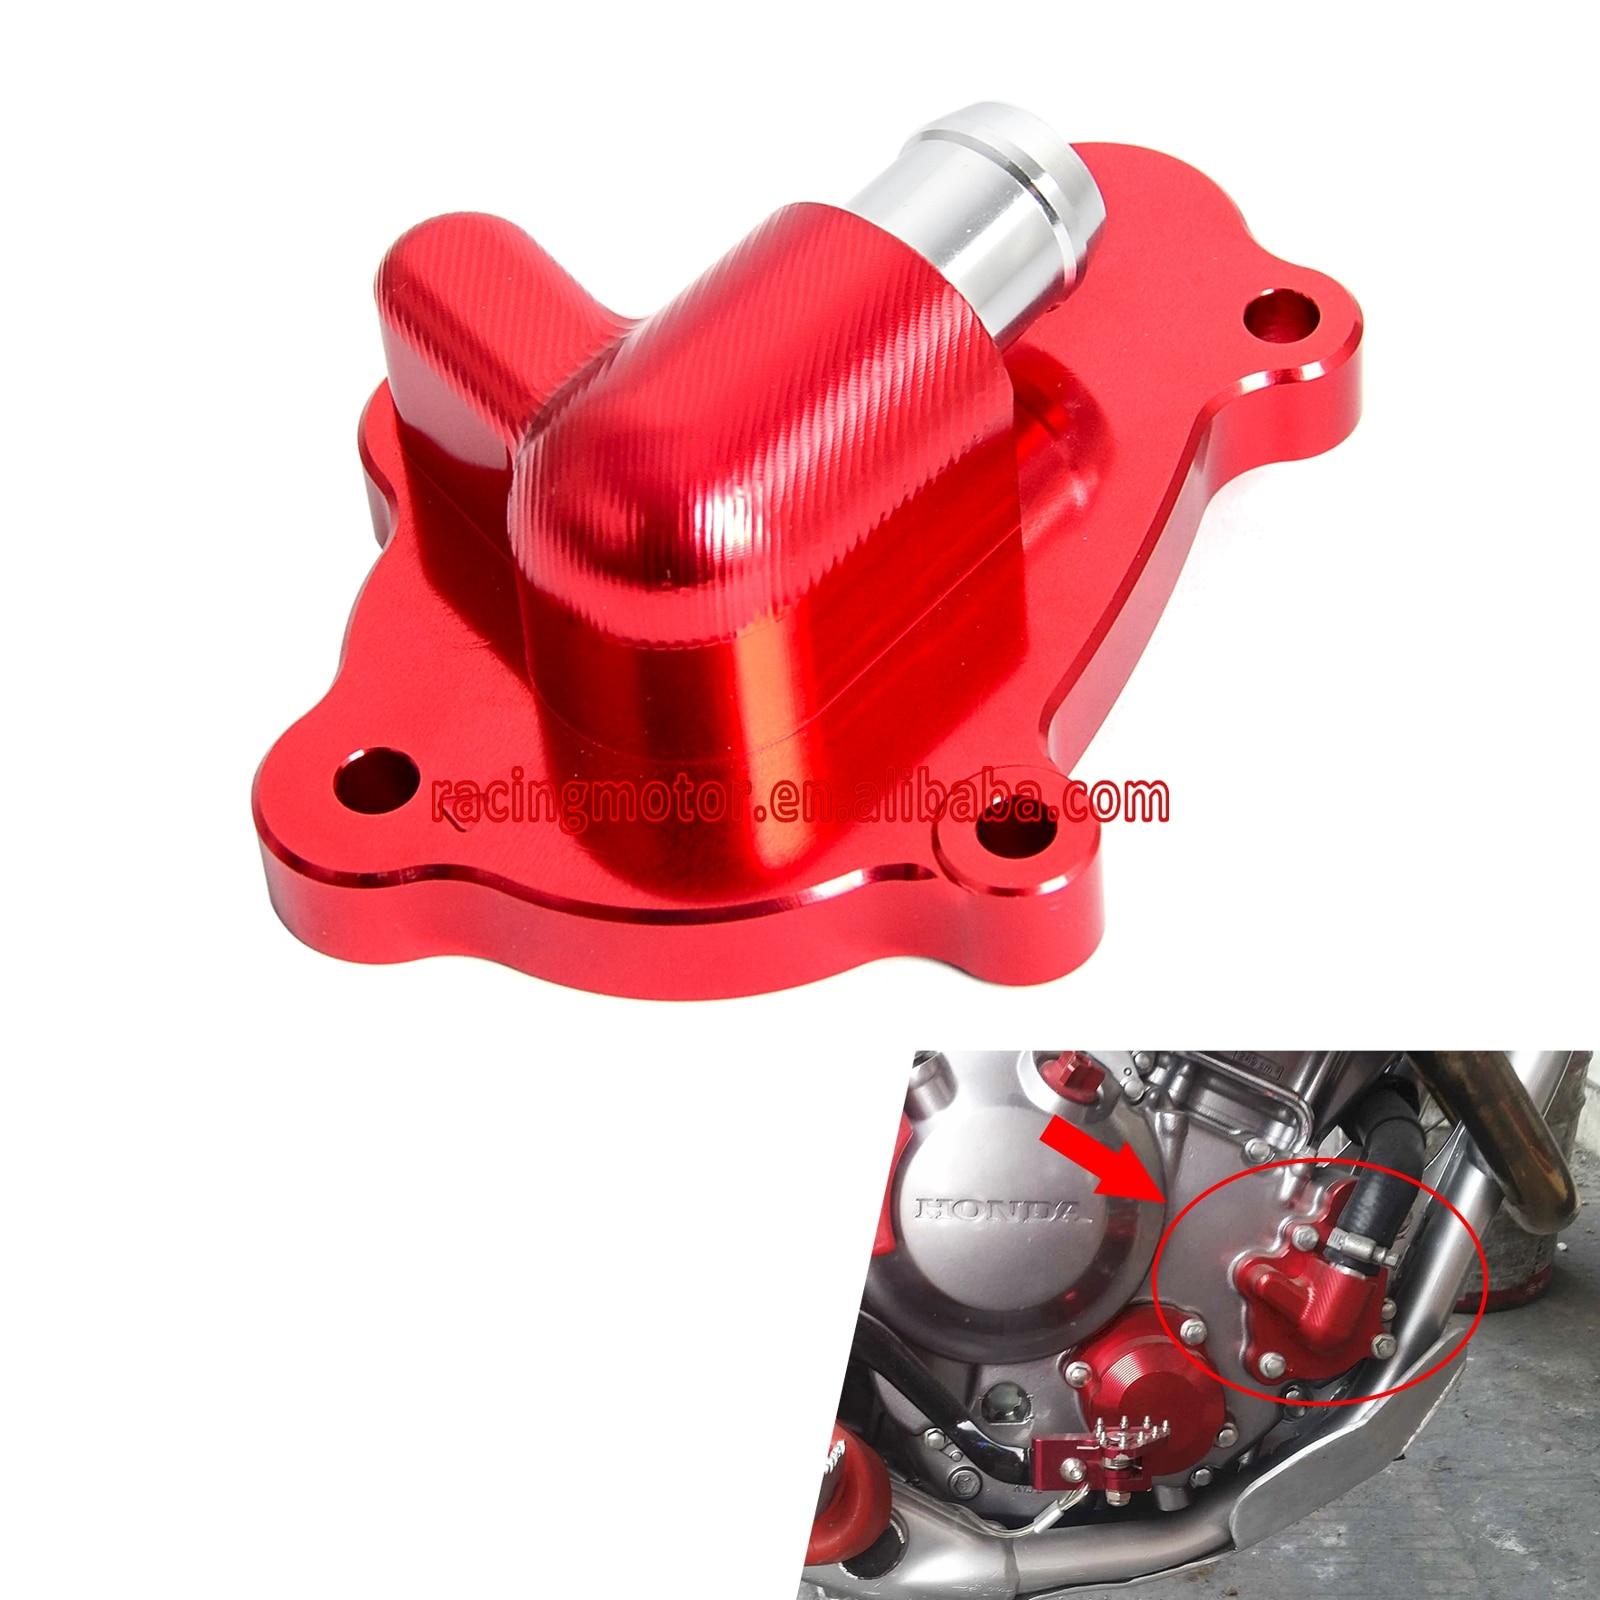 Заготовки CNC Алюминиевый Водяной насос Крышка протектор для Honda CRF250L CRF250M 2012 - 2015 2013 2014 CRF250 Л М